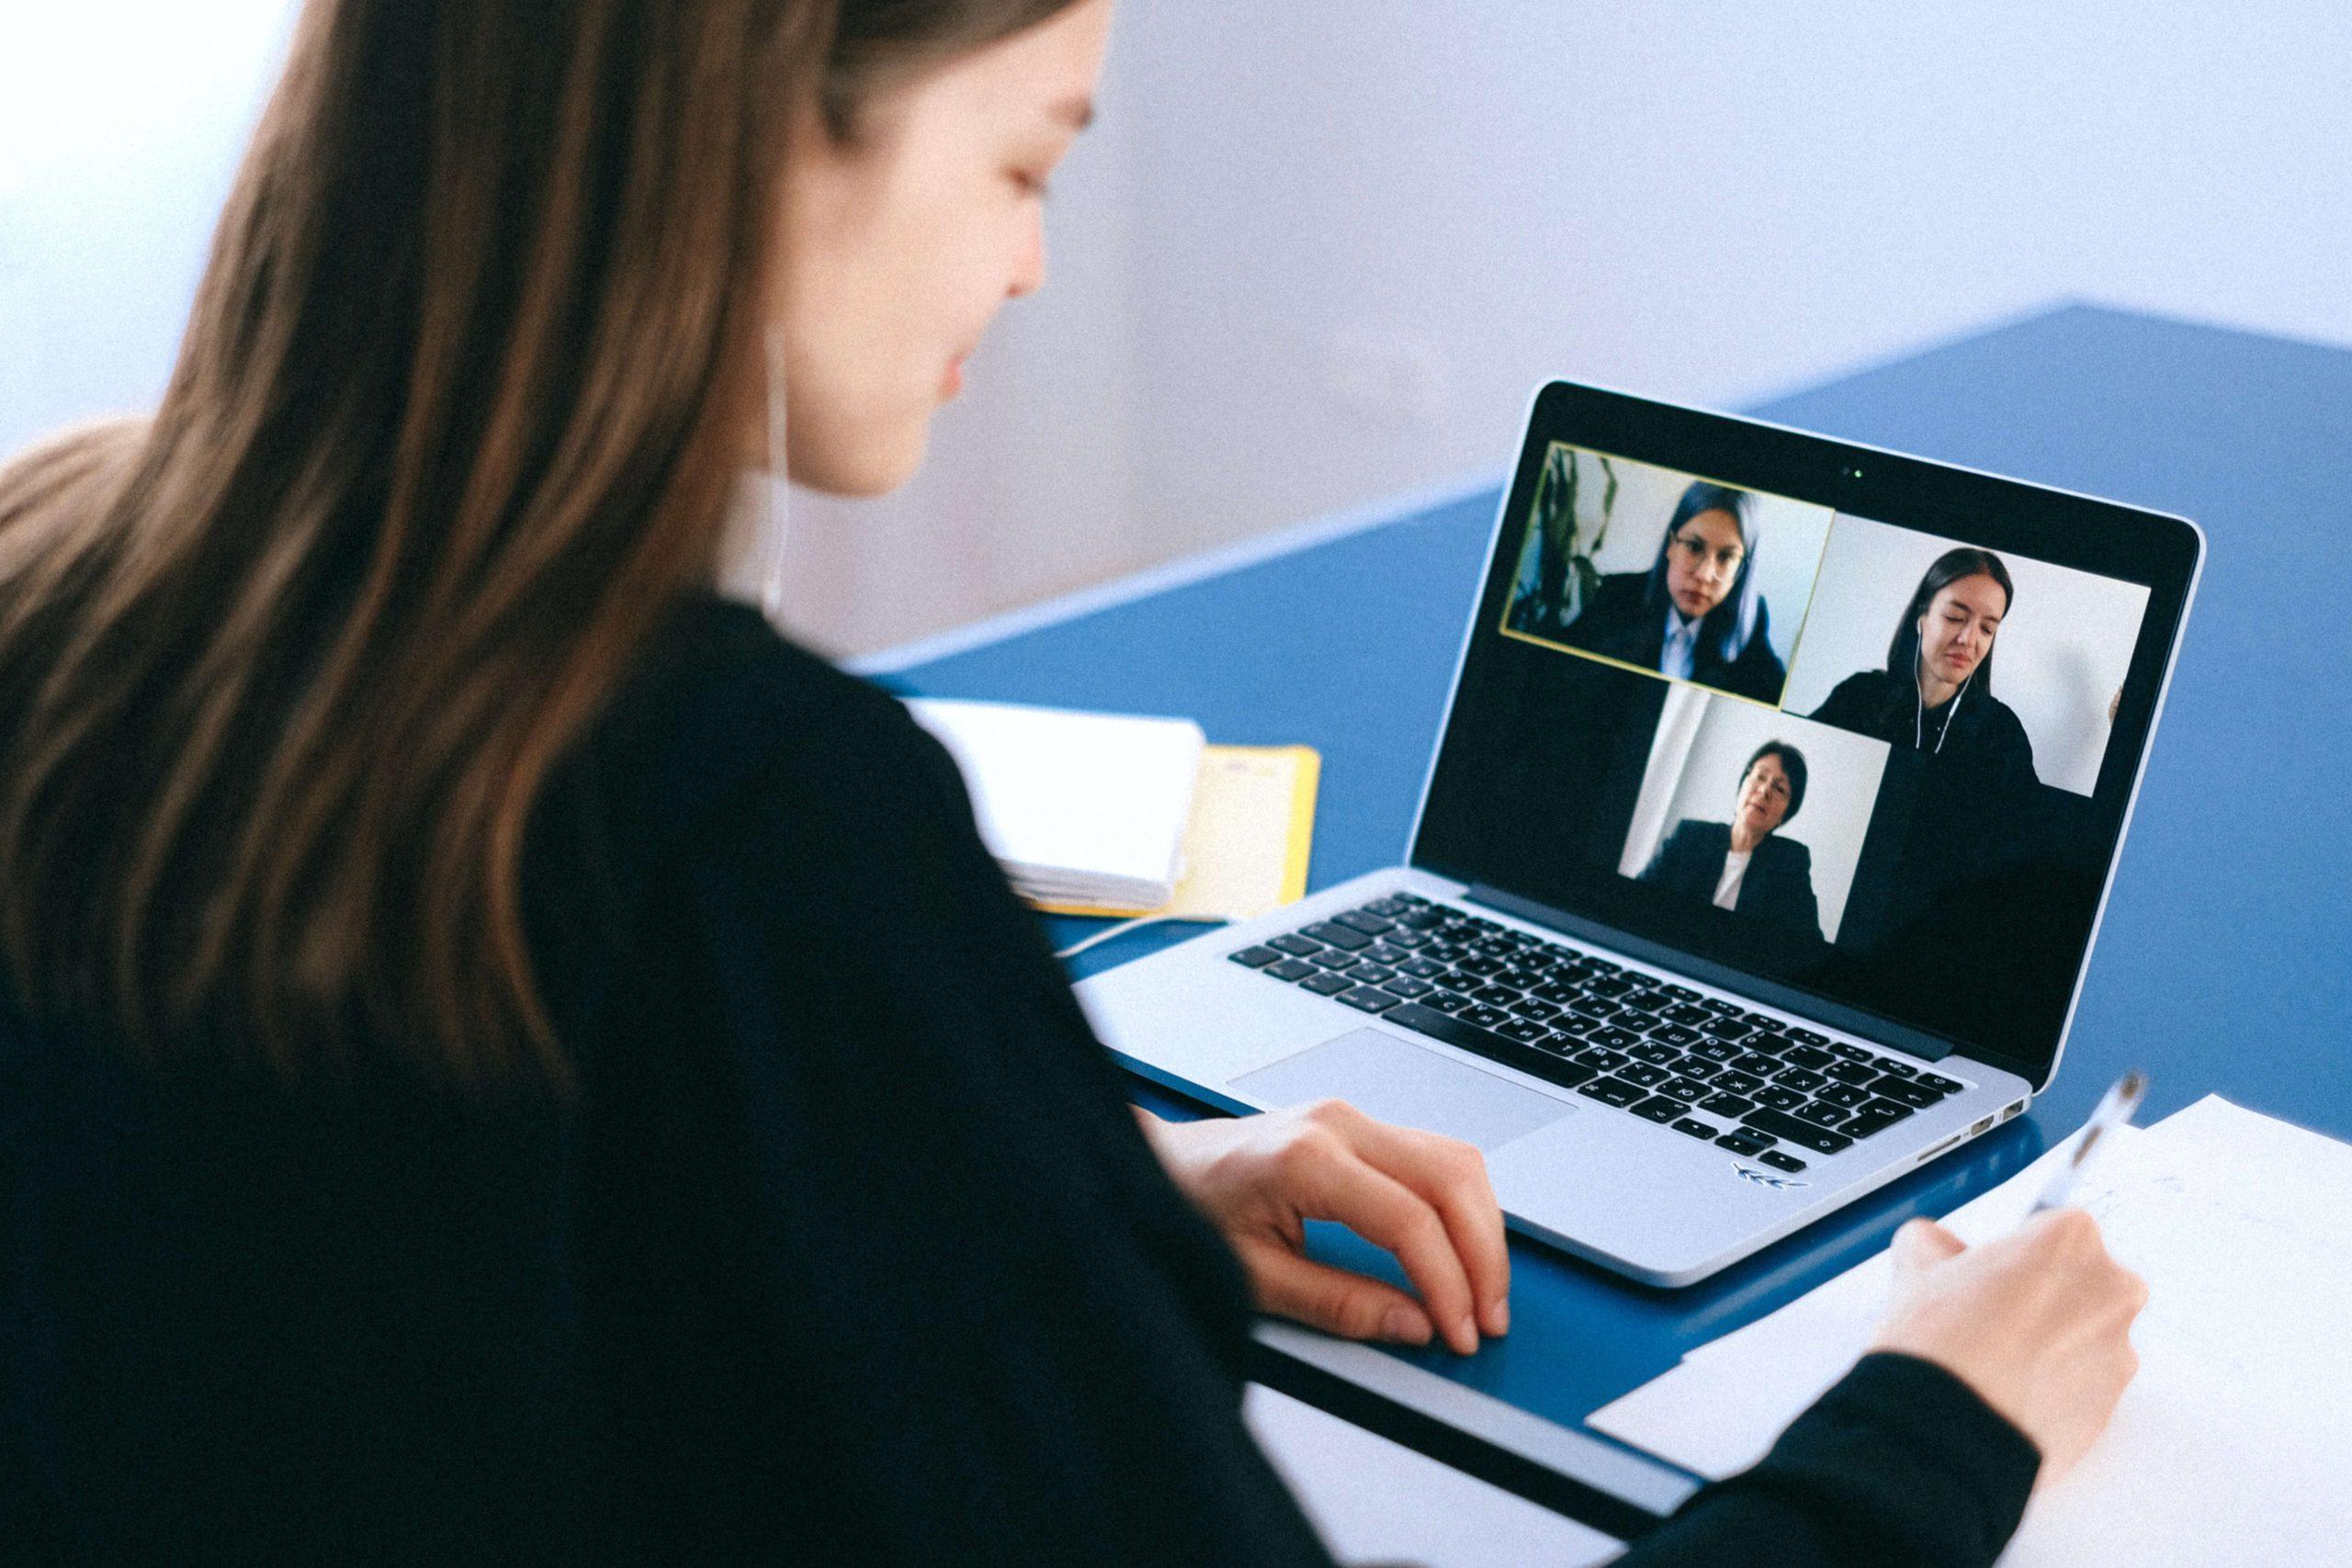 formacion grupal de analitica online